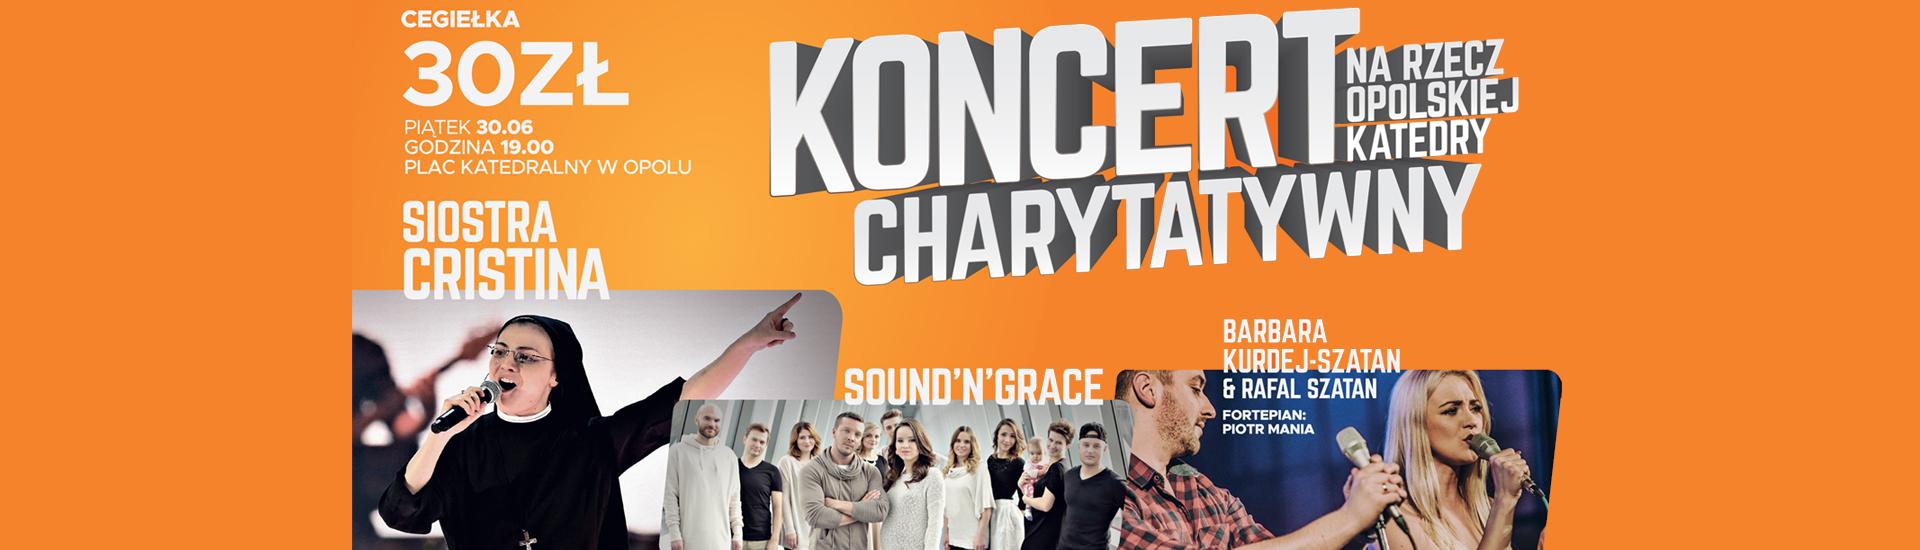 koncert-charytatywny-2017-popr2